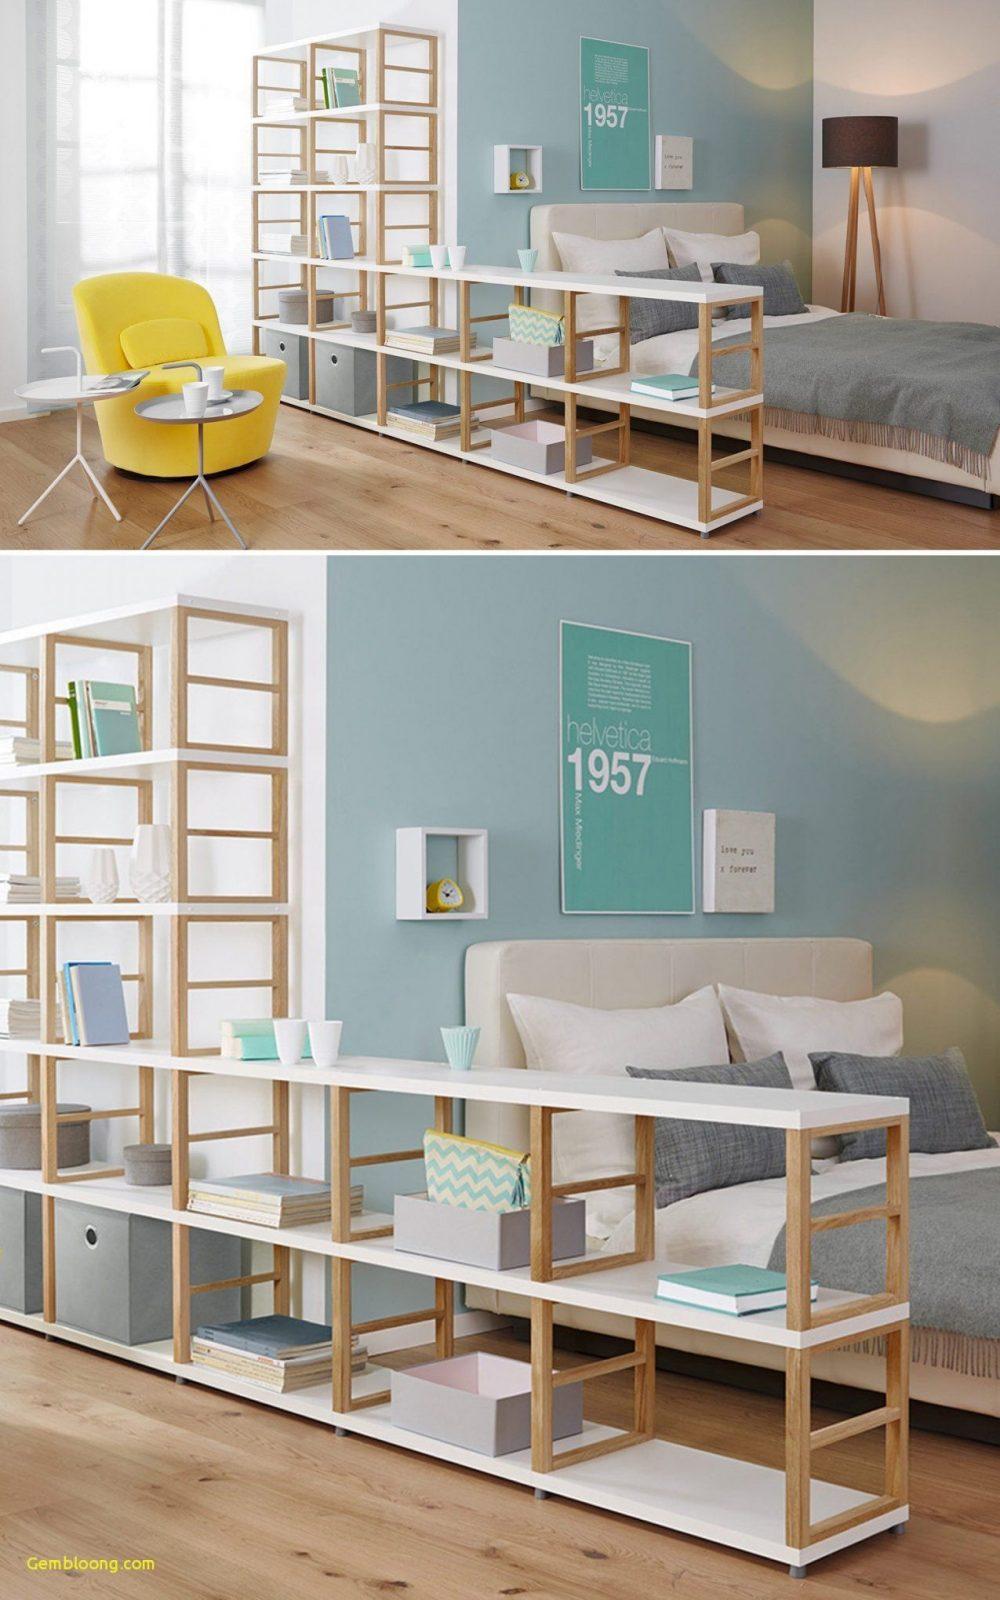 aus ikea regal kallax einen kletterbaum f r die katze gebastelt von kallax regal selber bauen. Black Bedroom Furniture Sets. Home Design Ideas